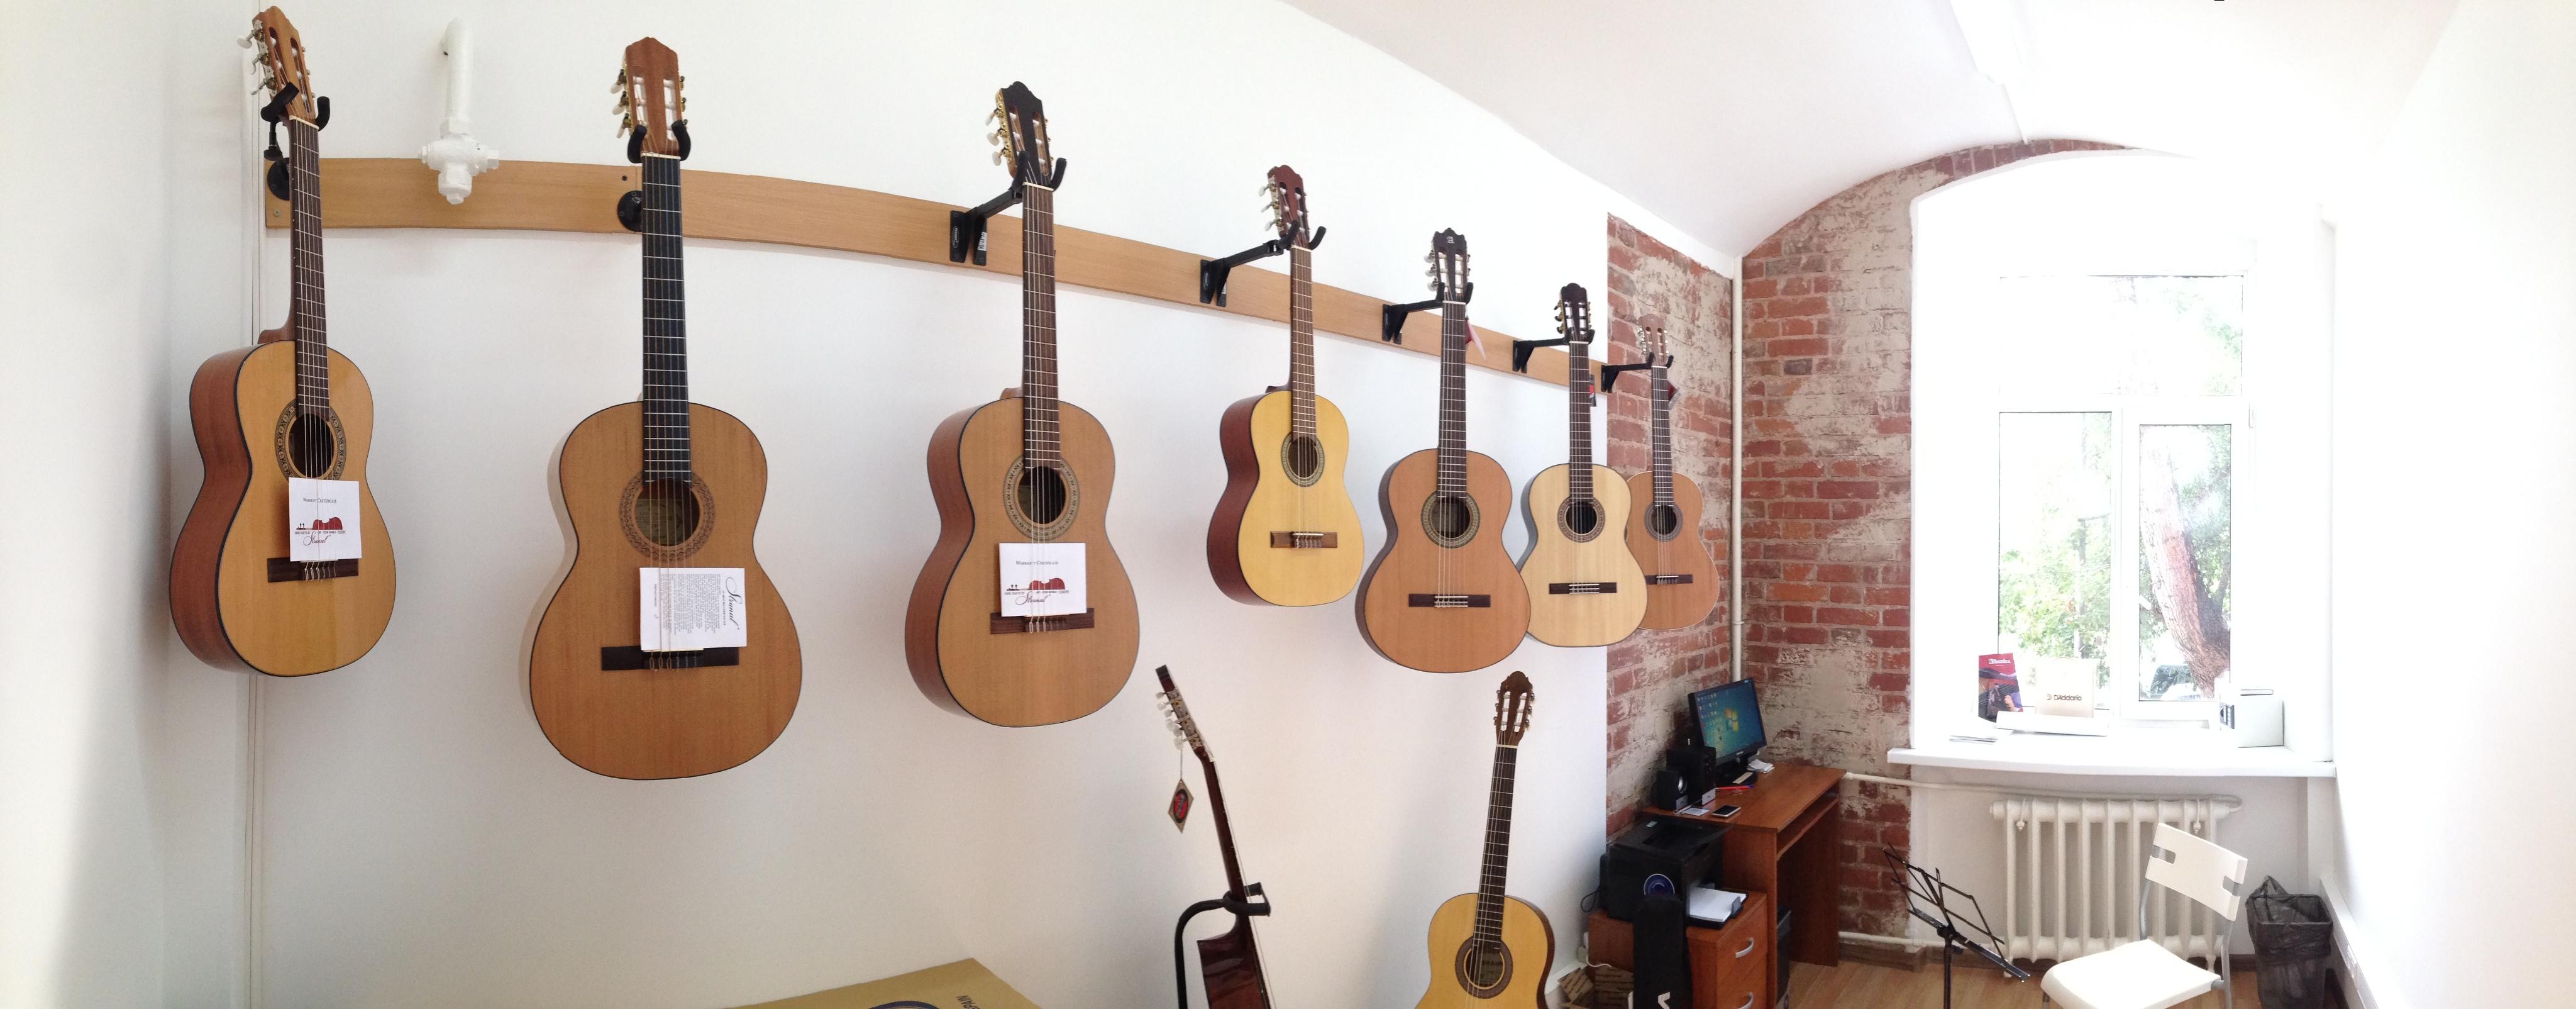 Торрес магазин классических гитар в Москве